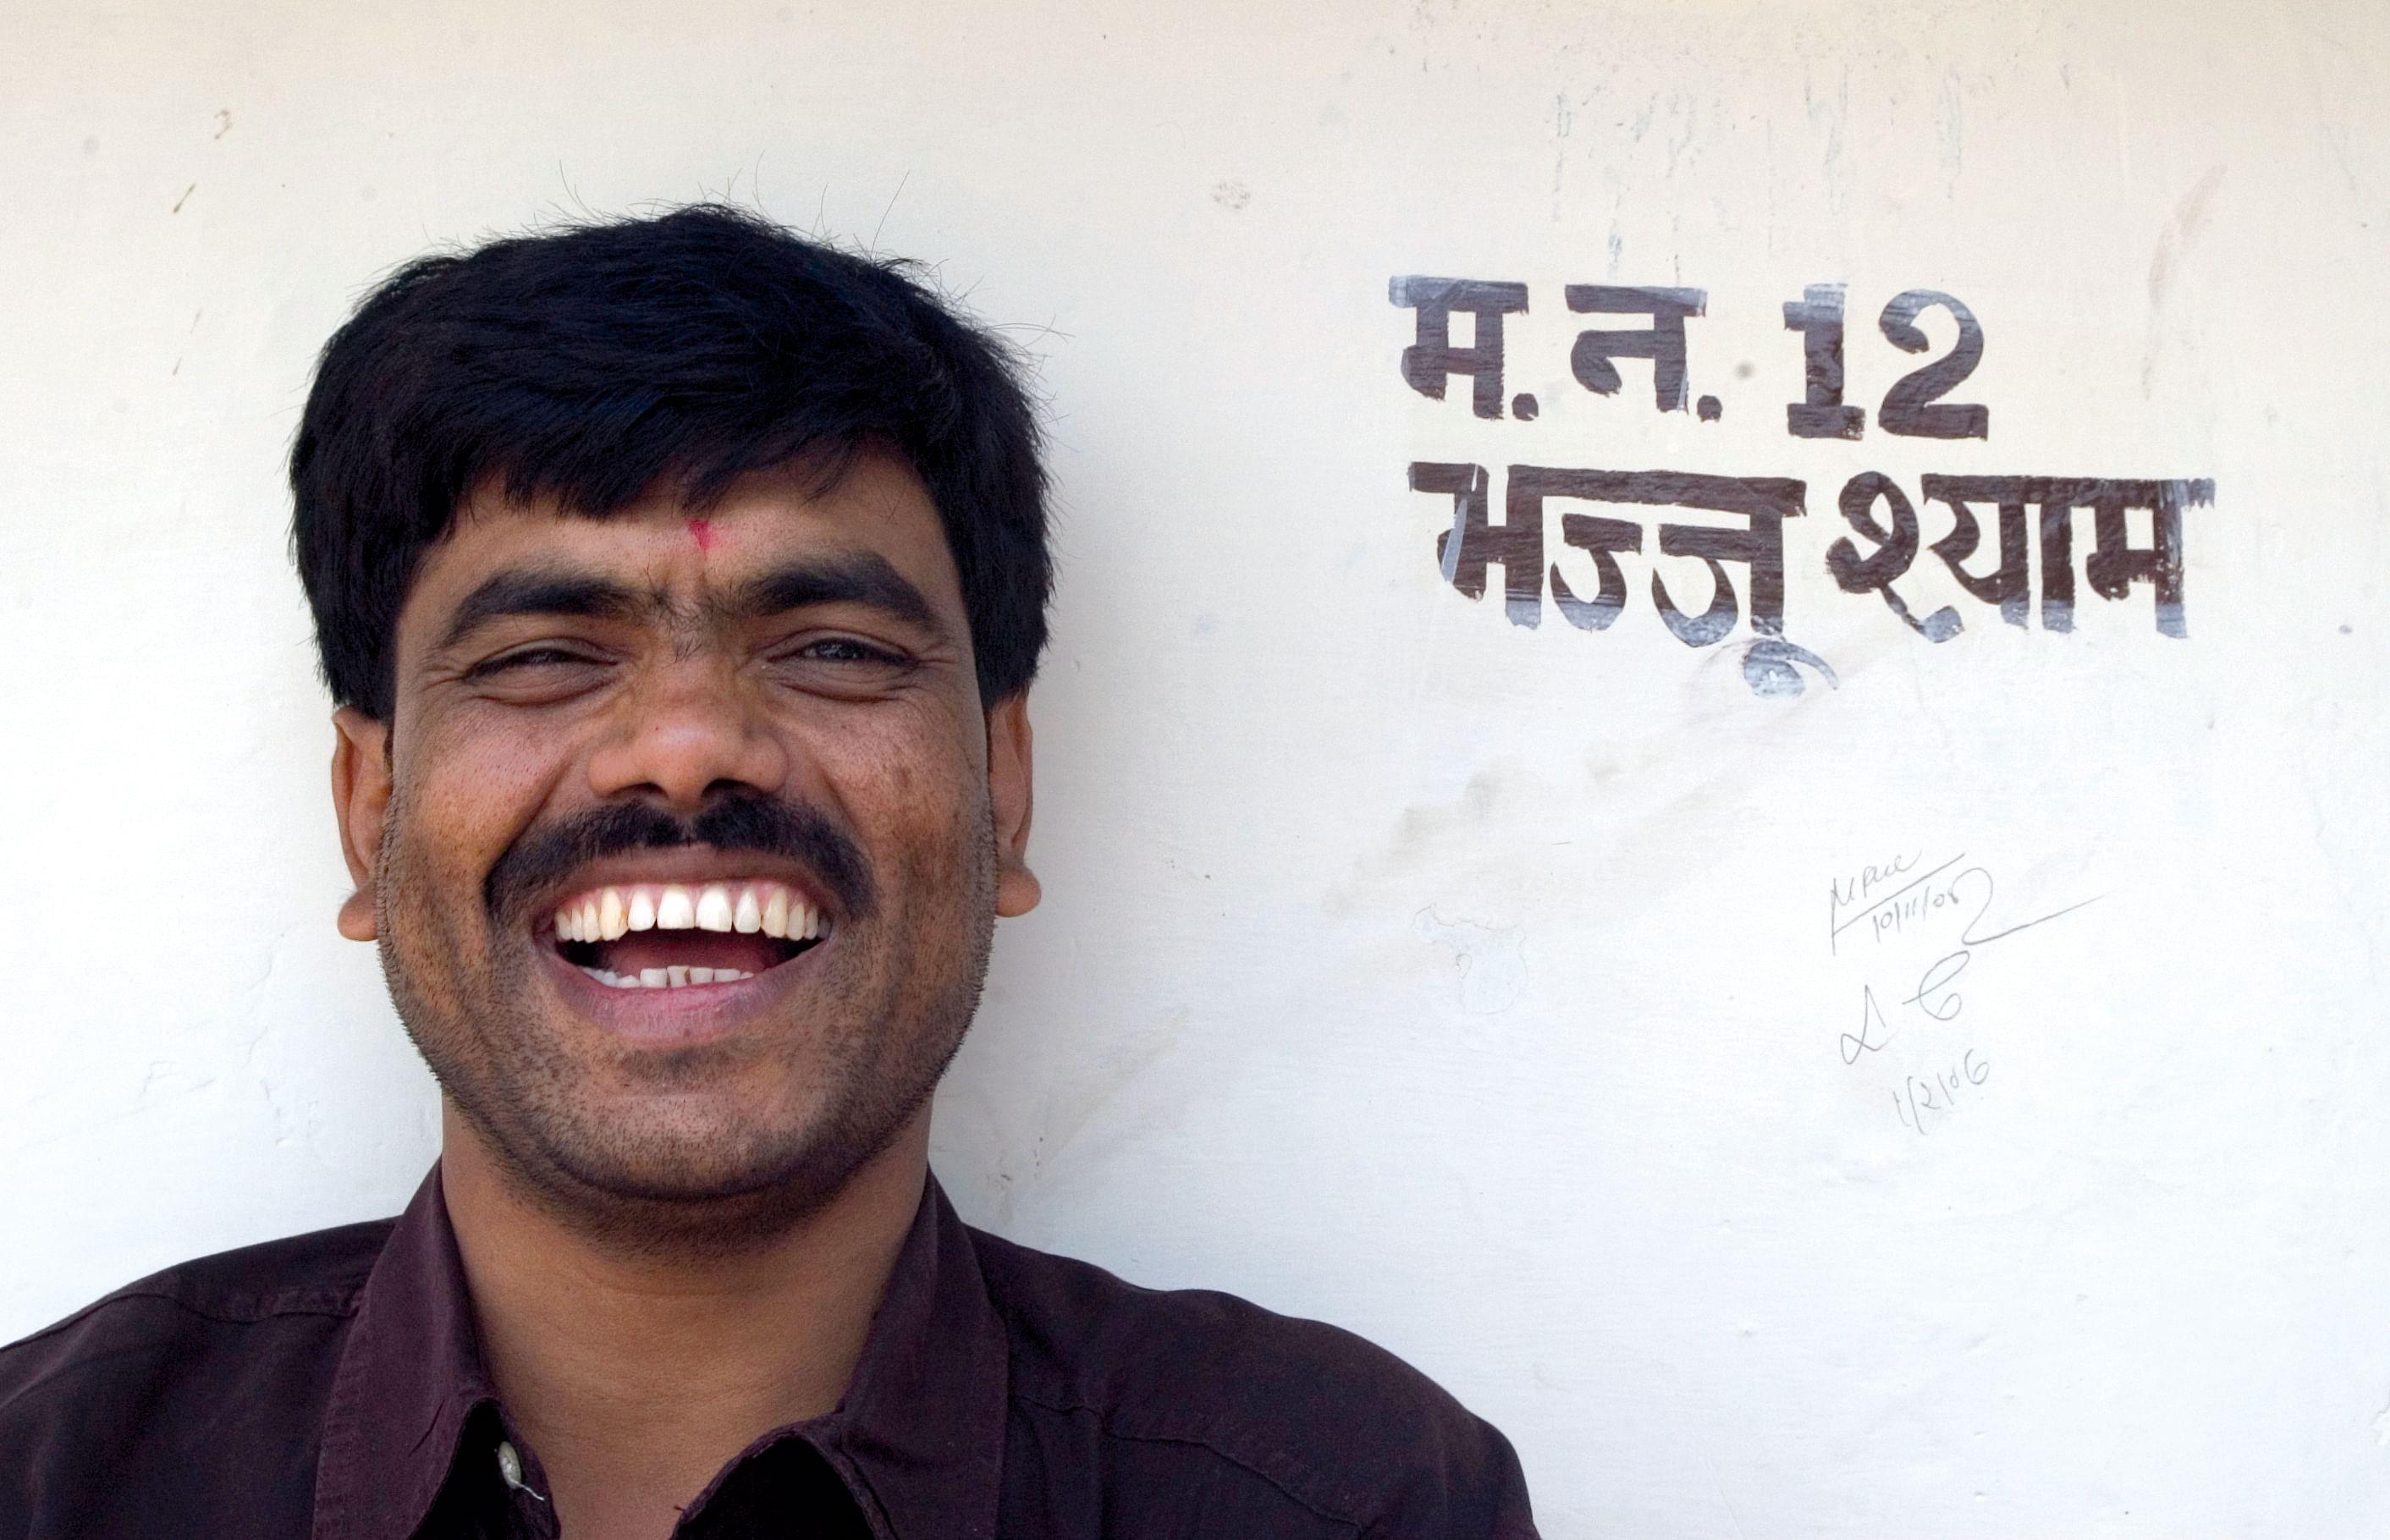 Bhajju Shyam portrait